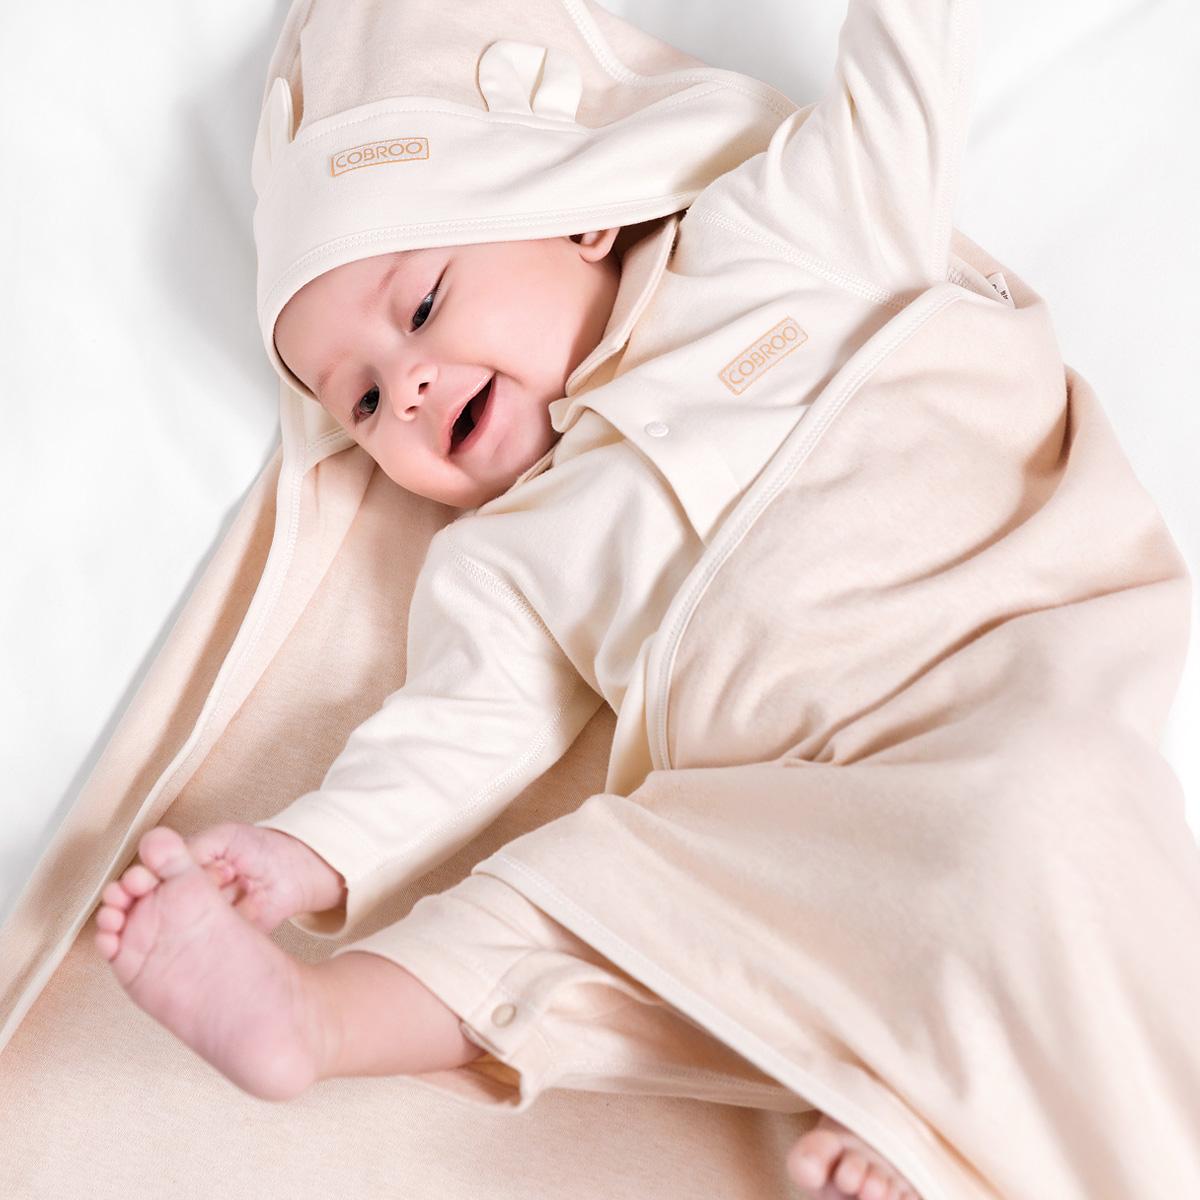 婴儿抱被夏季纯棉被子新生儿包被薄款婴幼儿用品春秋宝宝襁褓包巾